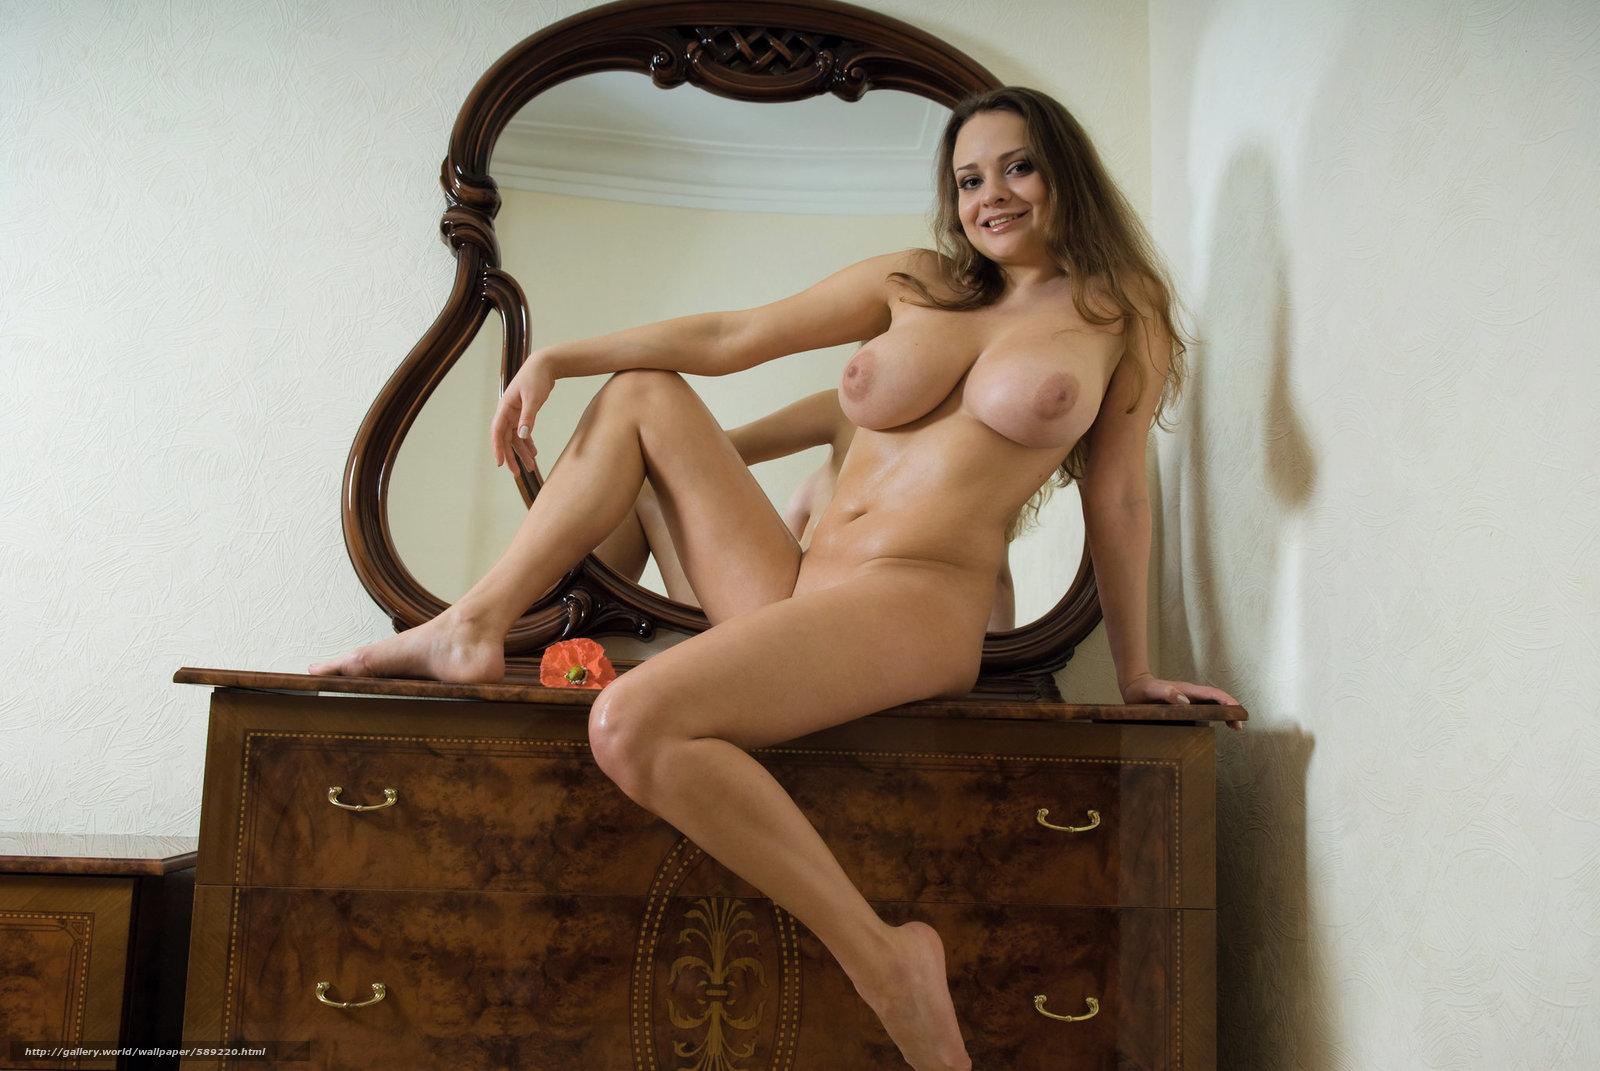 Фото русских девушек с большими сисками 9 фотография